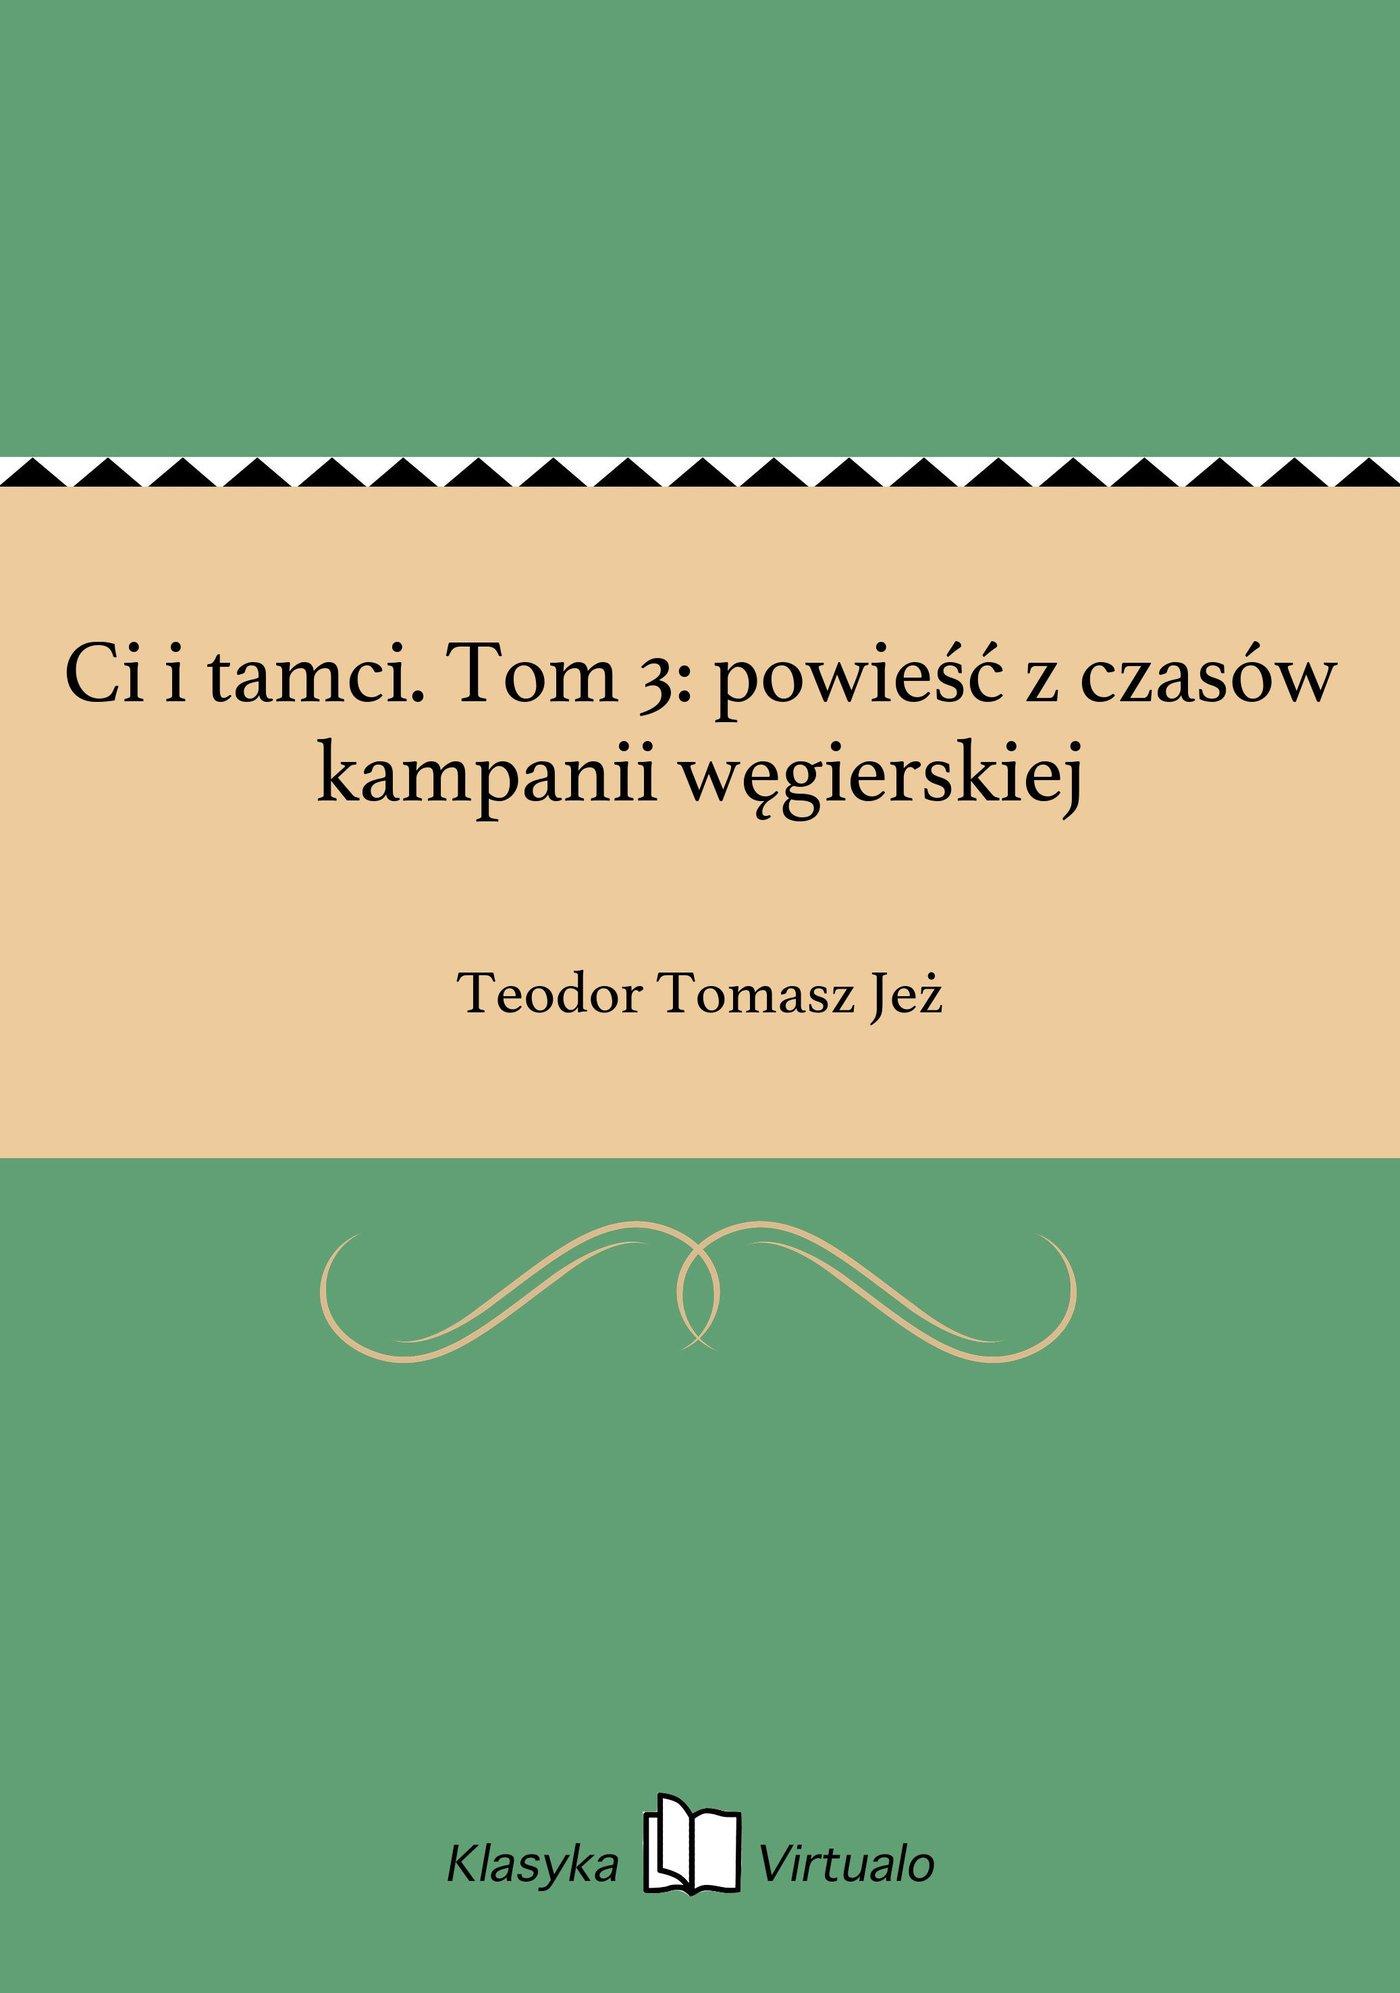 Ci i tamci. Tom 3: powieść z czasów kampanii węgierskiej - Ebook (Książka EPUB) do pobrania w formacie EPUB